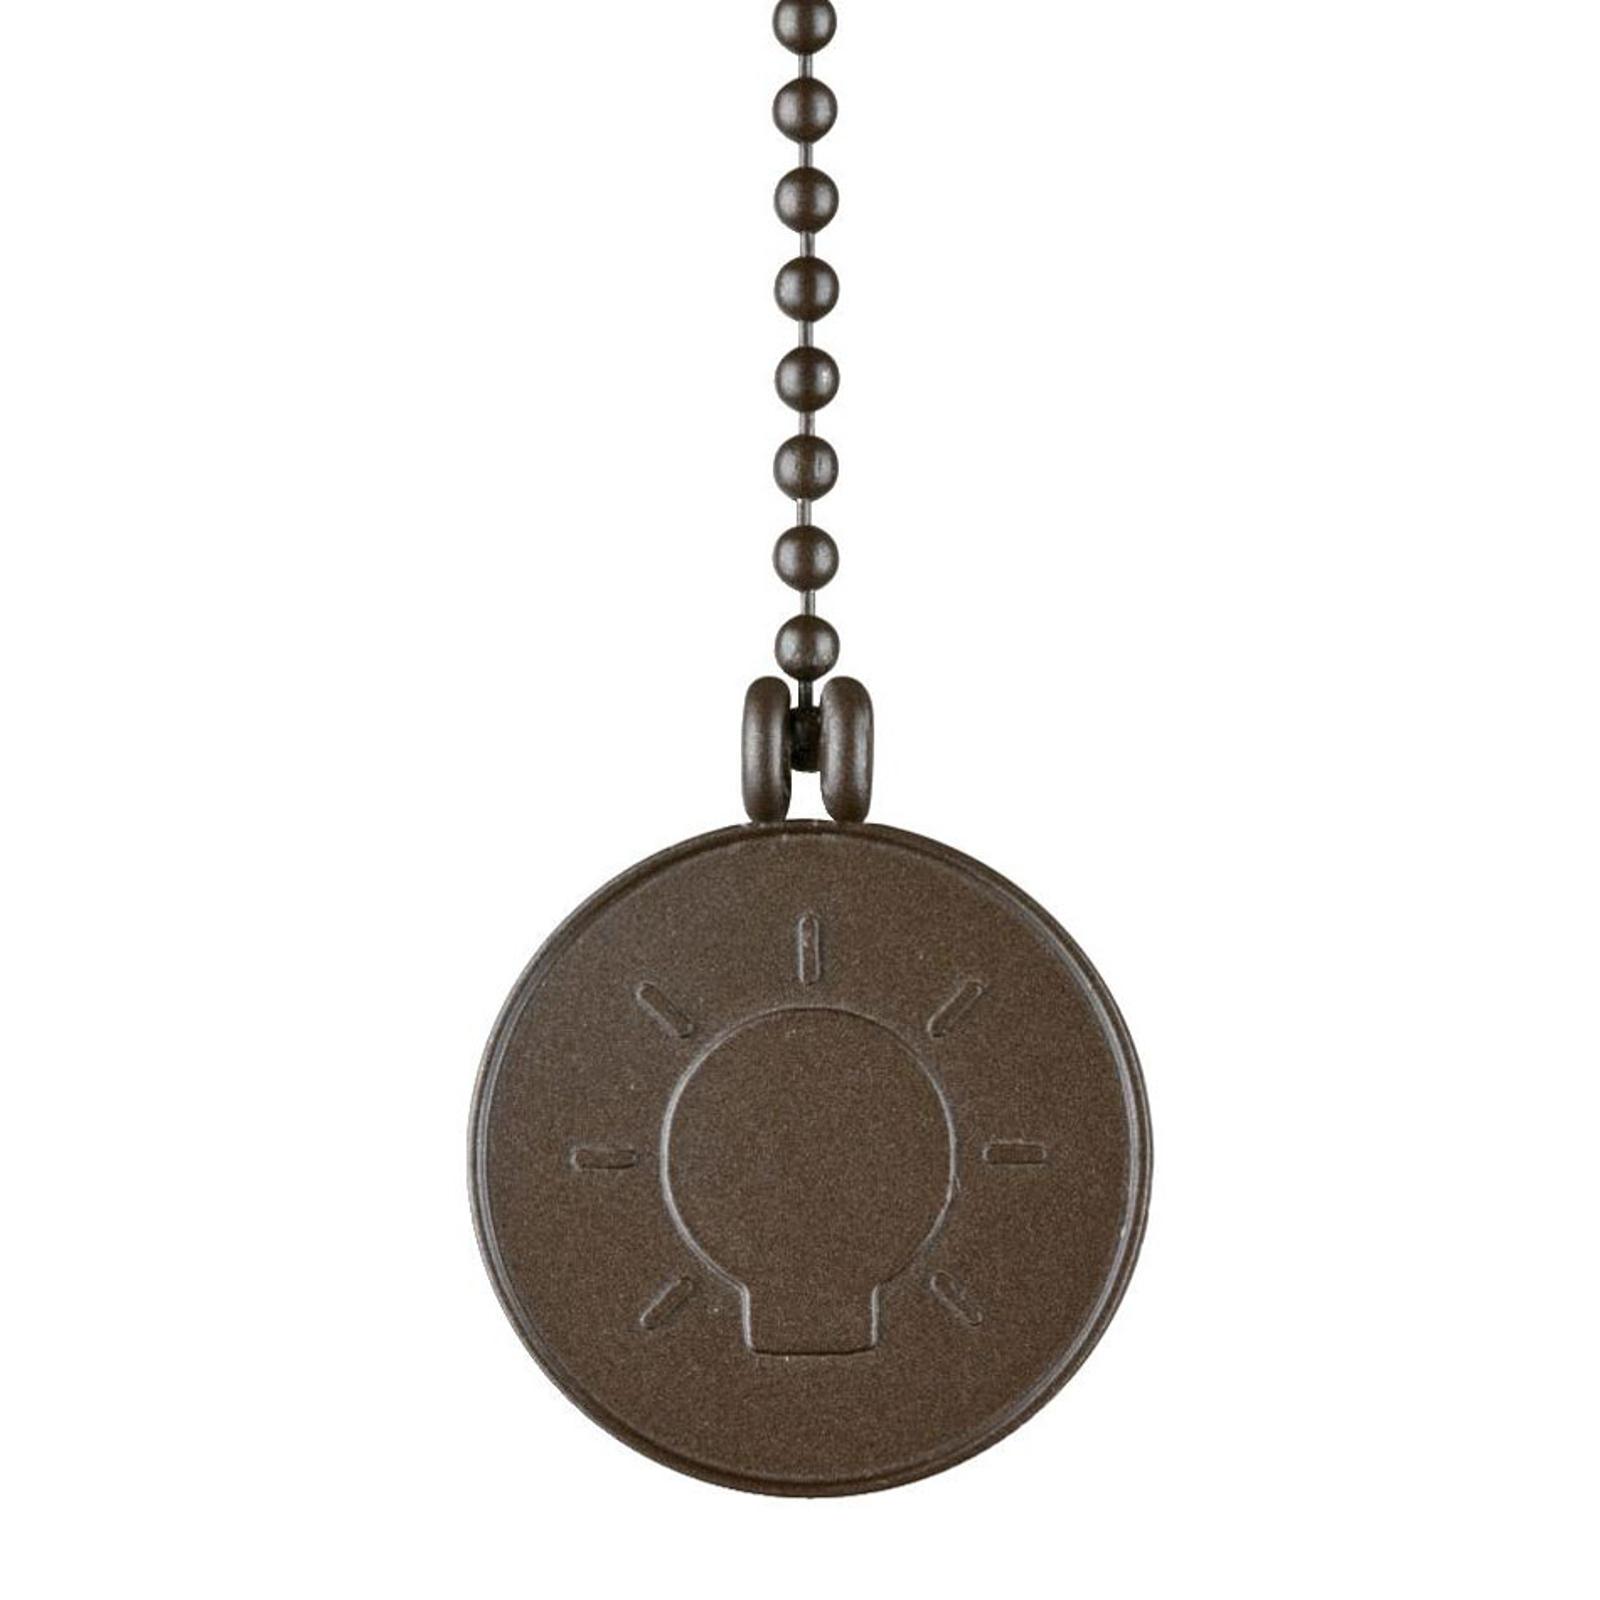 Westinghouse Glühbirnen-Medaillon Zugkette bronze